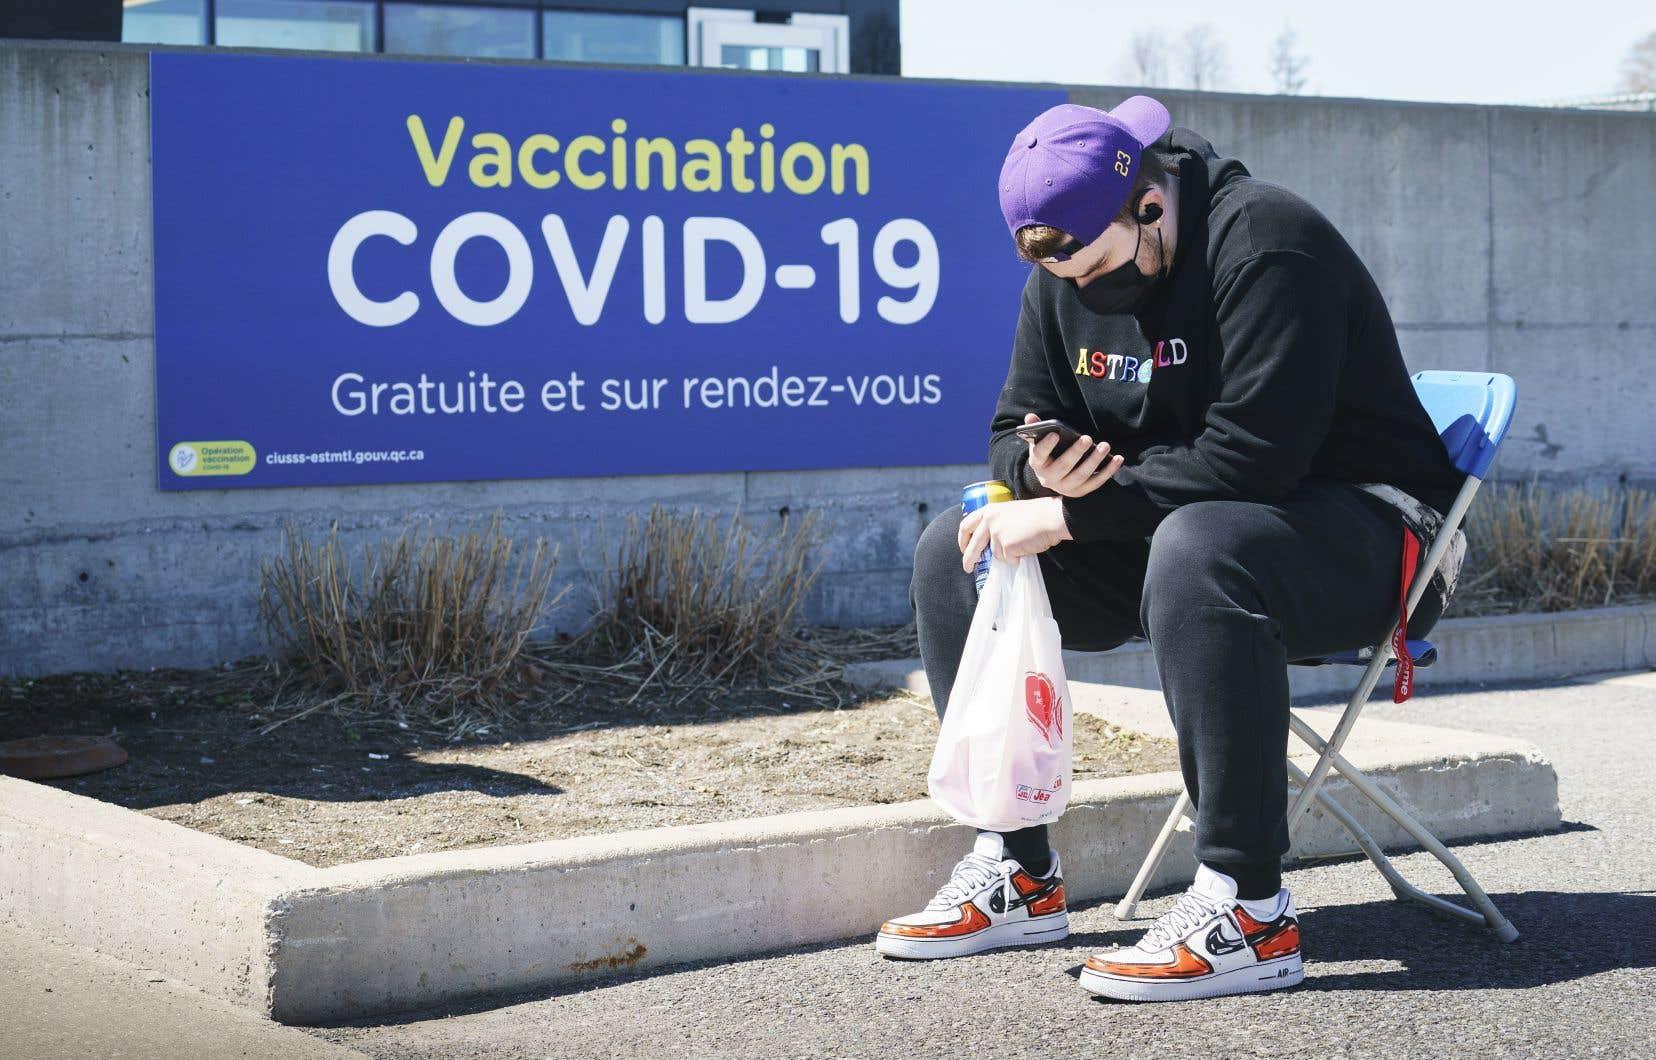 «La semaine dernière, des plages réservées aux travailleurs essentiels donnaient l'impression d'être des plages libres, explique Dre Marie-France Raynault, cheffe du Département de médecine sociale et préventive du CHUM. Ce n'est plus le cas. Les gens y vont sur rendez-vous, plutôt que de faire la file.»